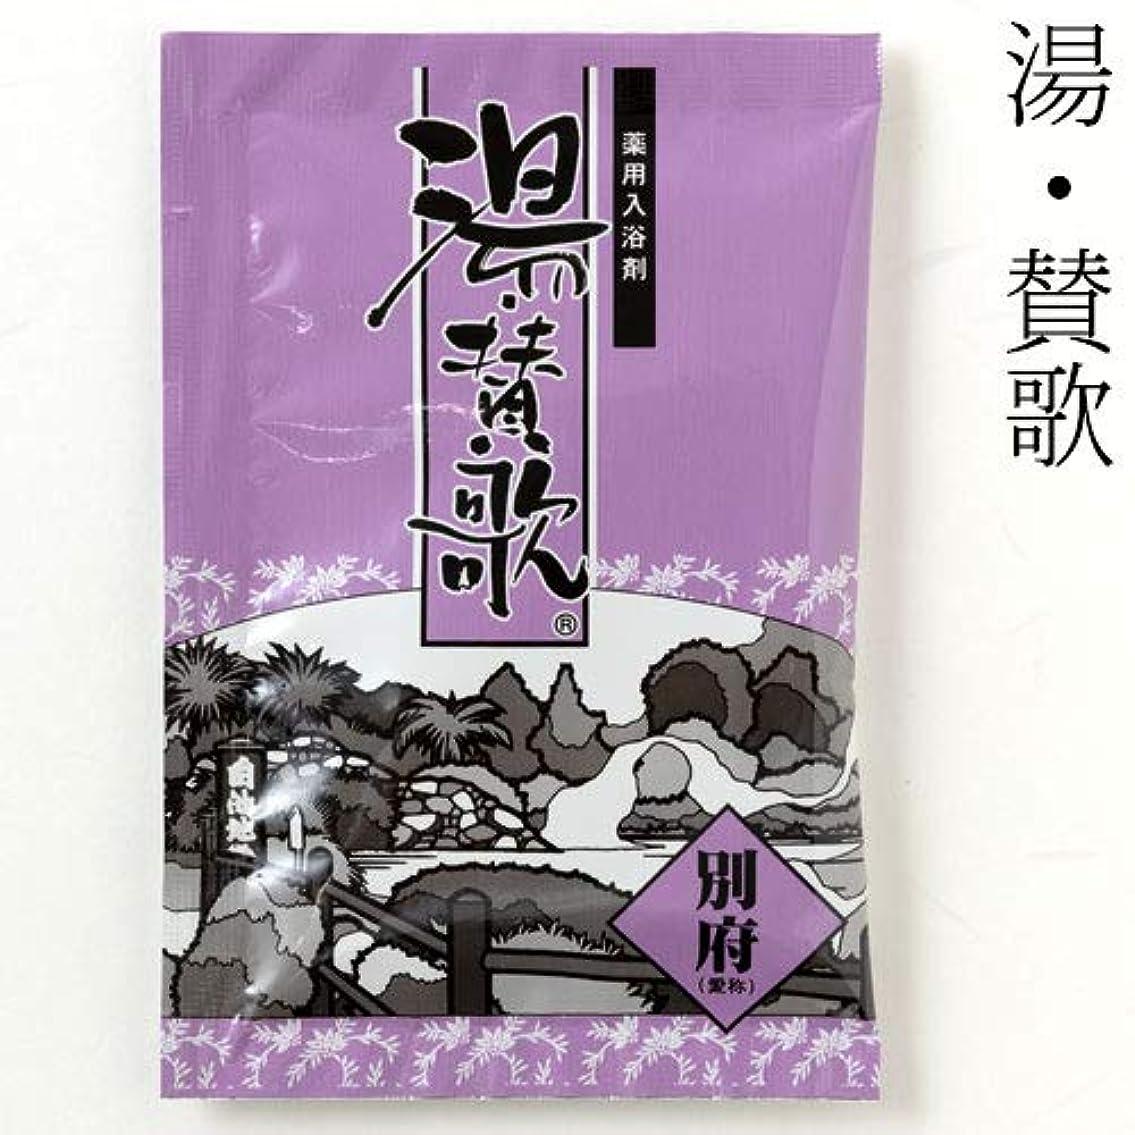 楽しむウィンク故障入浴剤湯?賛歌別府1包石川県のお風呂グッズBath additive, Ishikawa craft